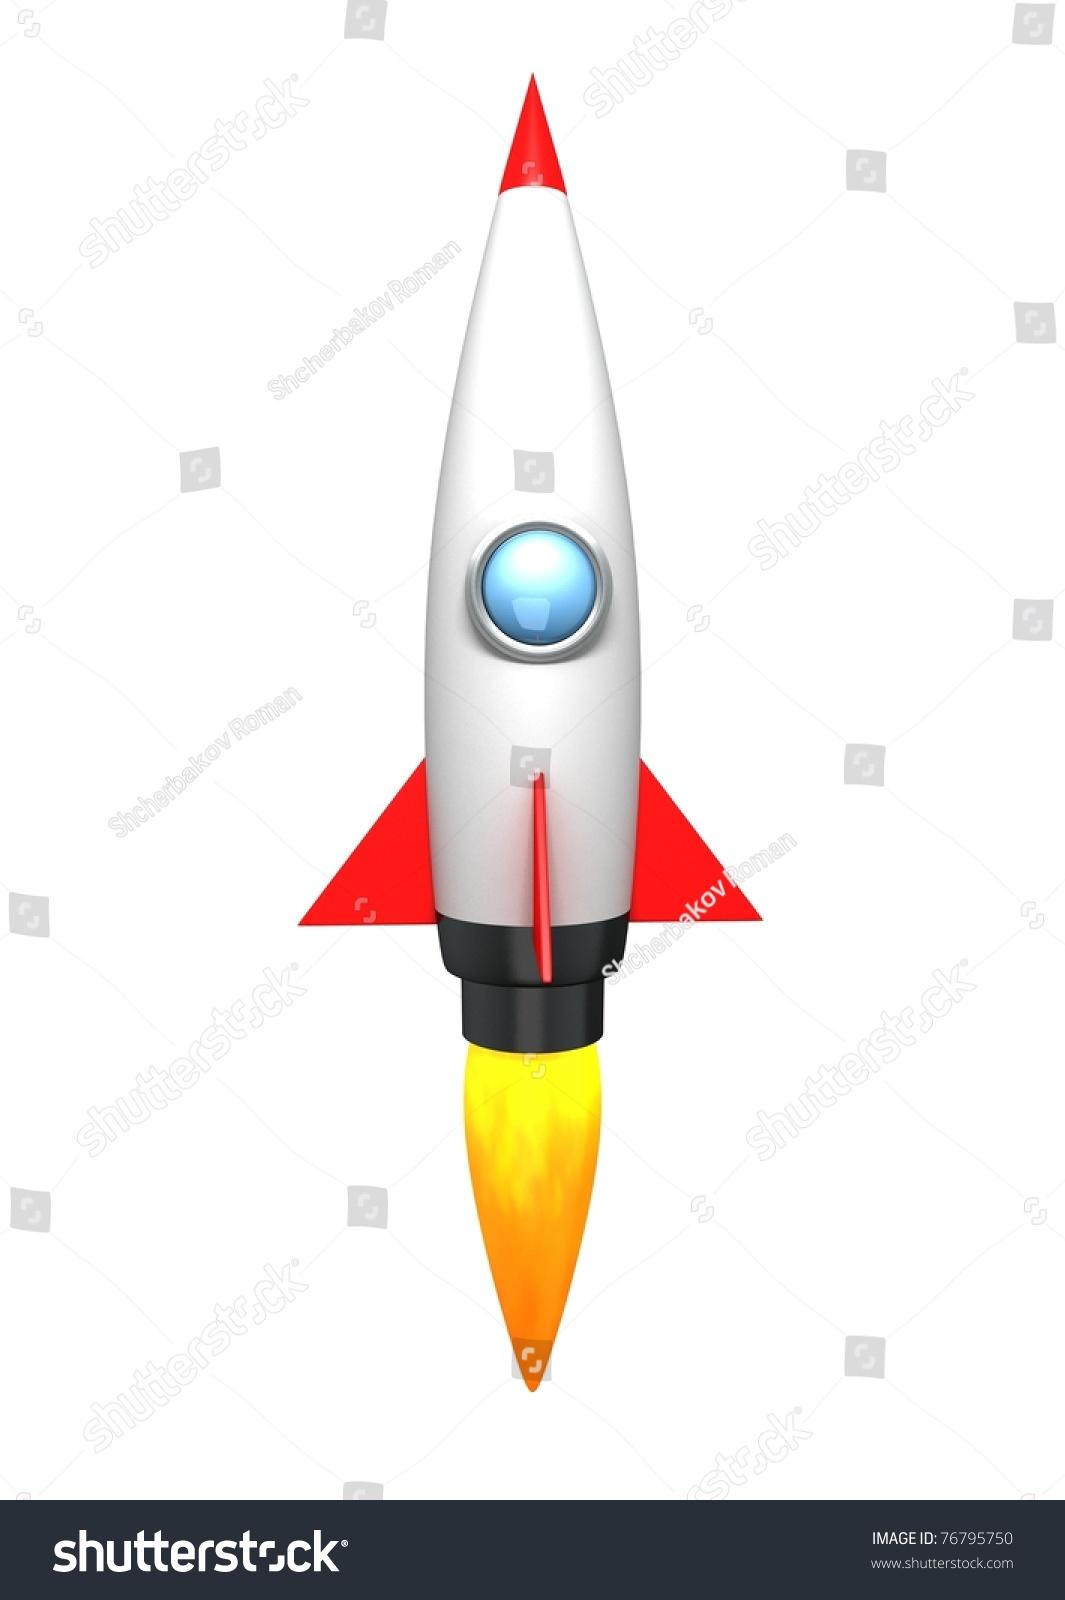 Cartoon Rocket Stock Illustration 76795750 - Shutterstock